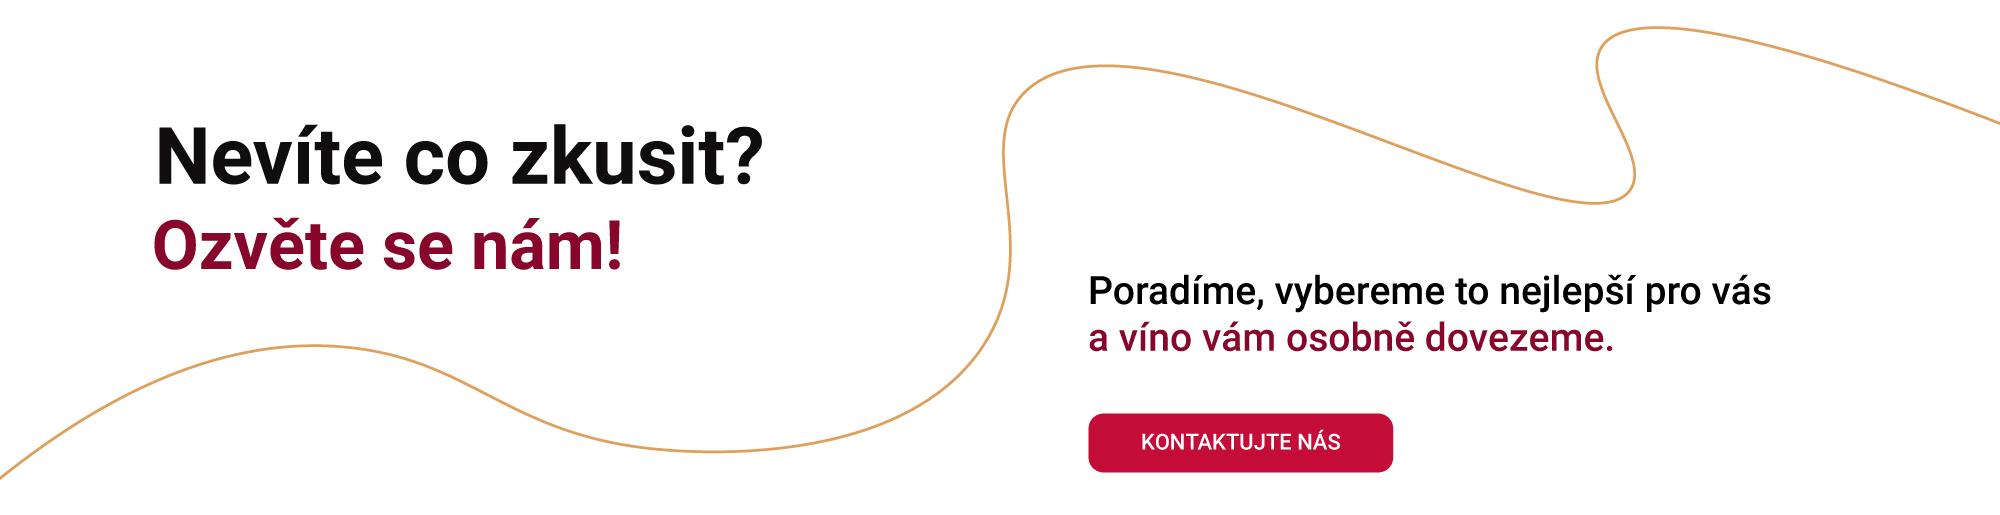 Poradíme s výběrem vína I rozvoz vína I e-shop s vínem I kvalitní vína